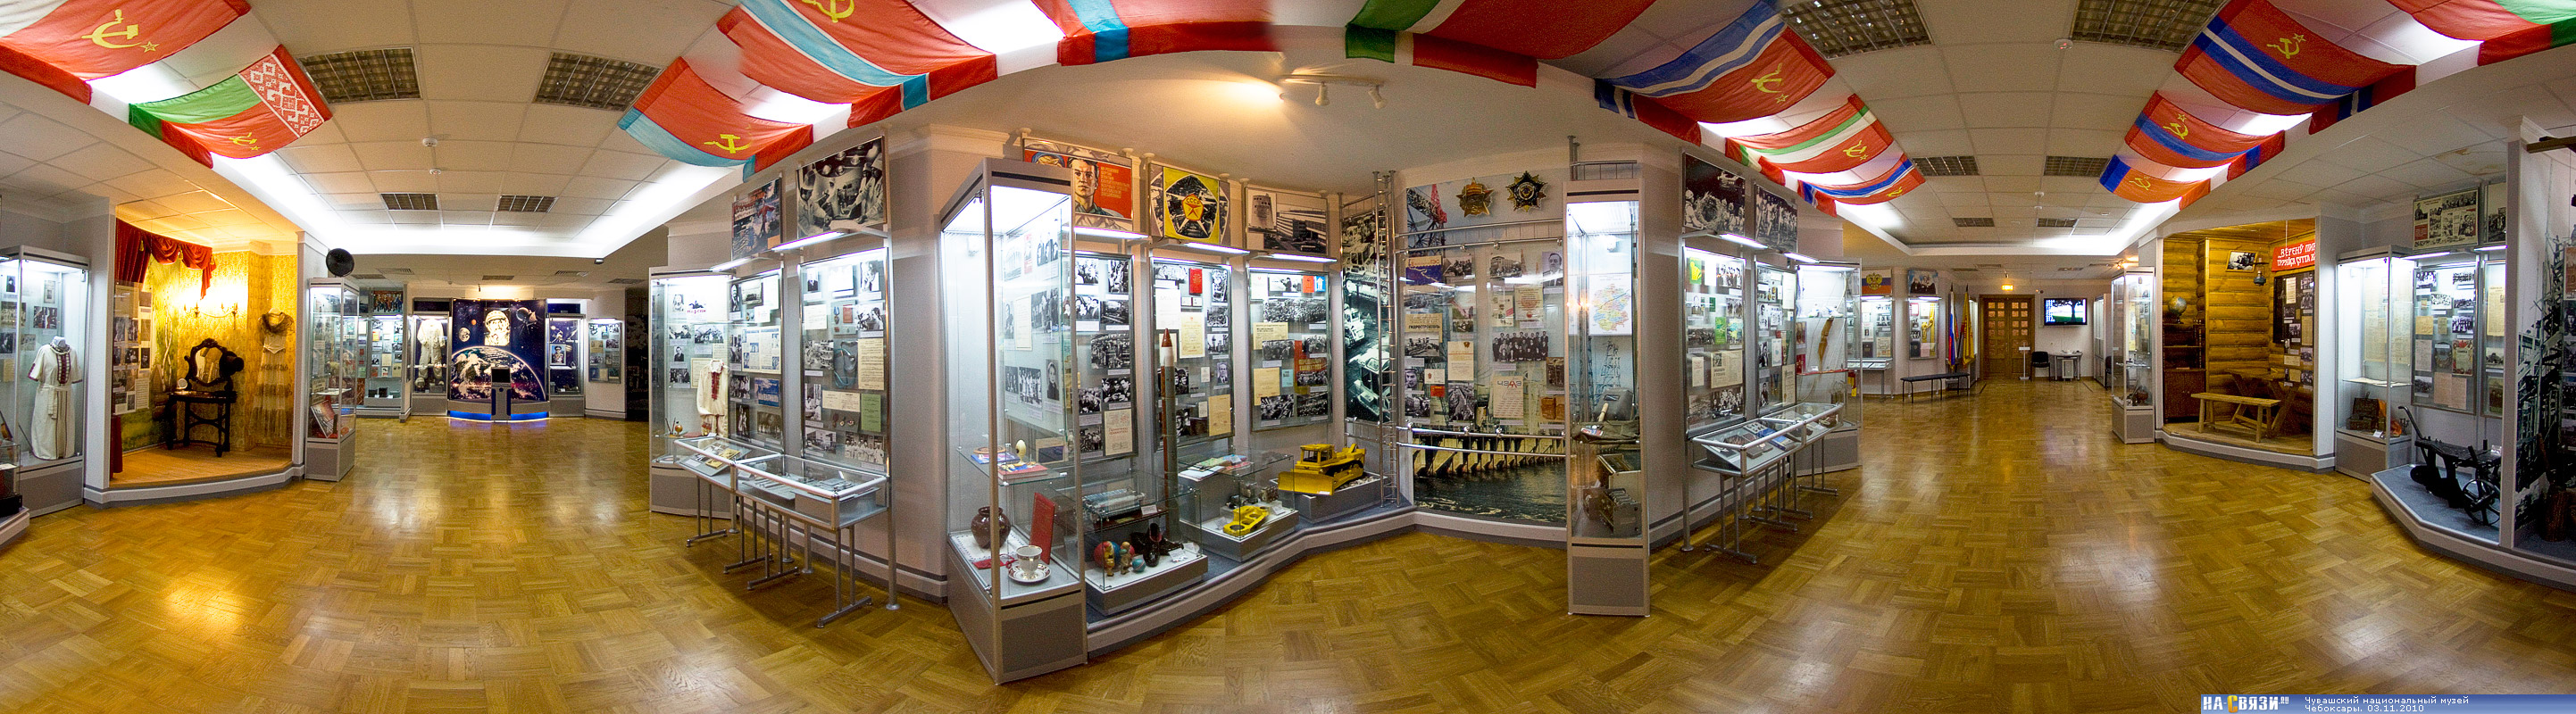 Краеведческий музей чебоксары фото это одно